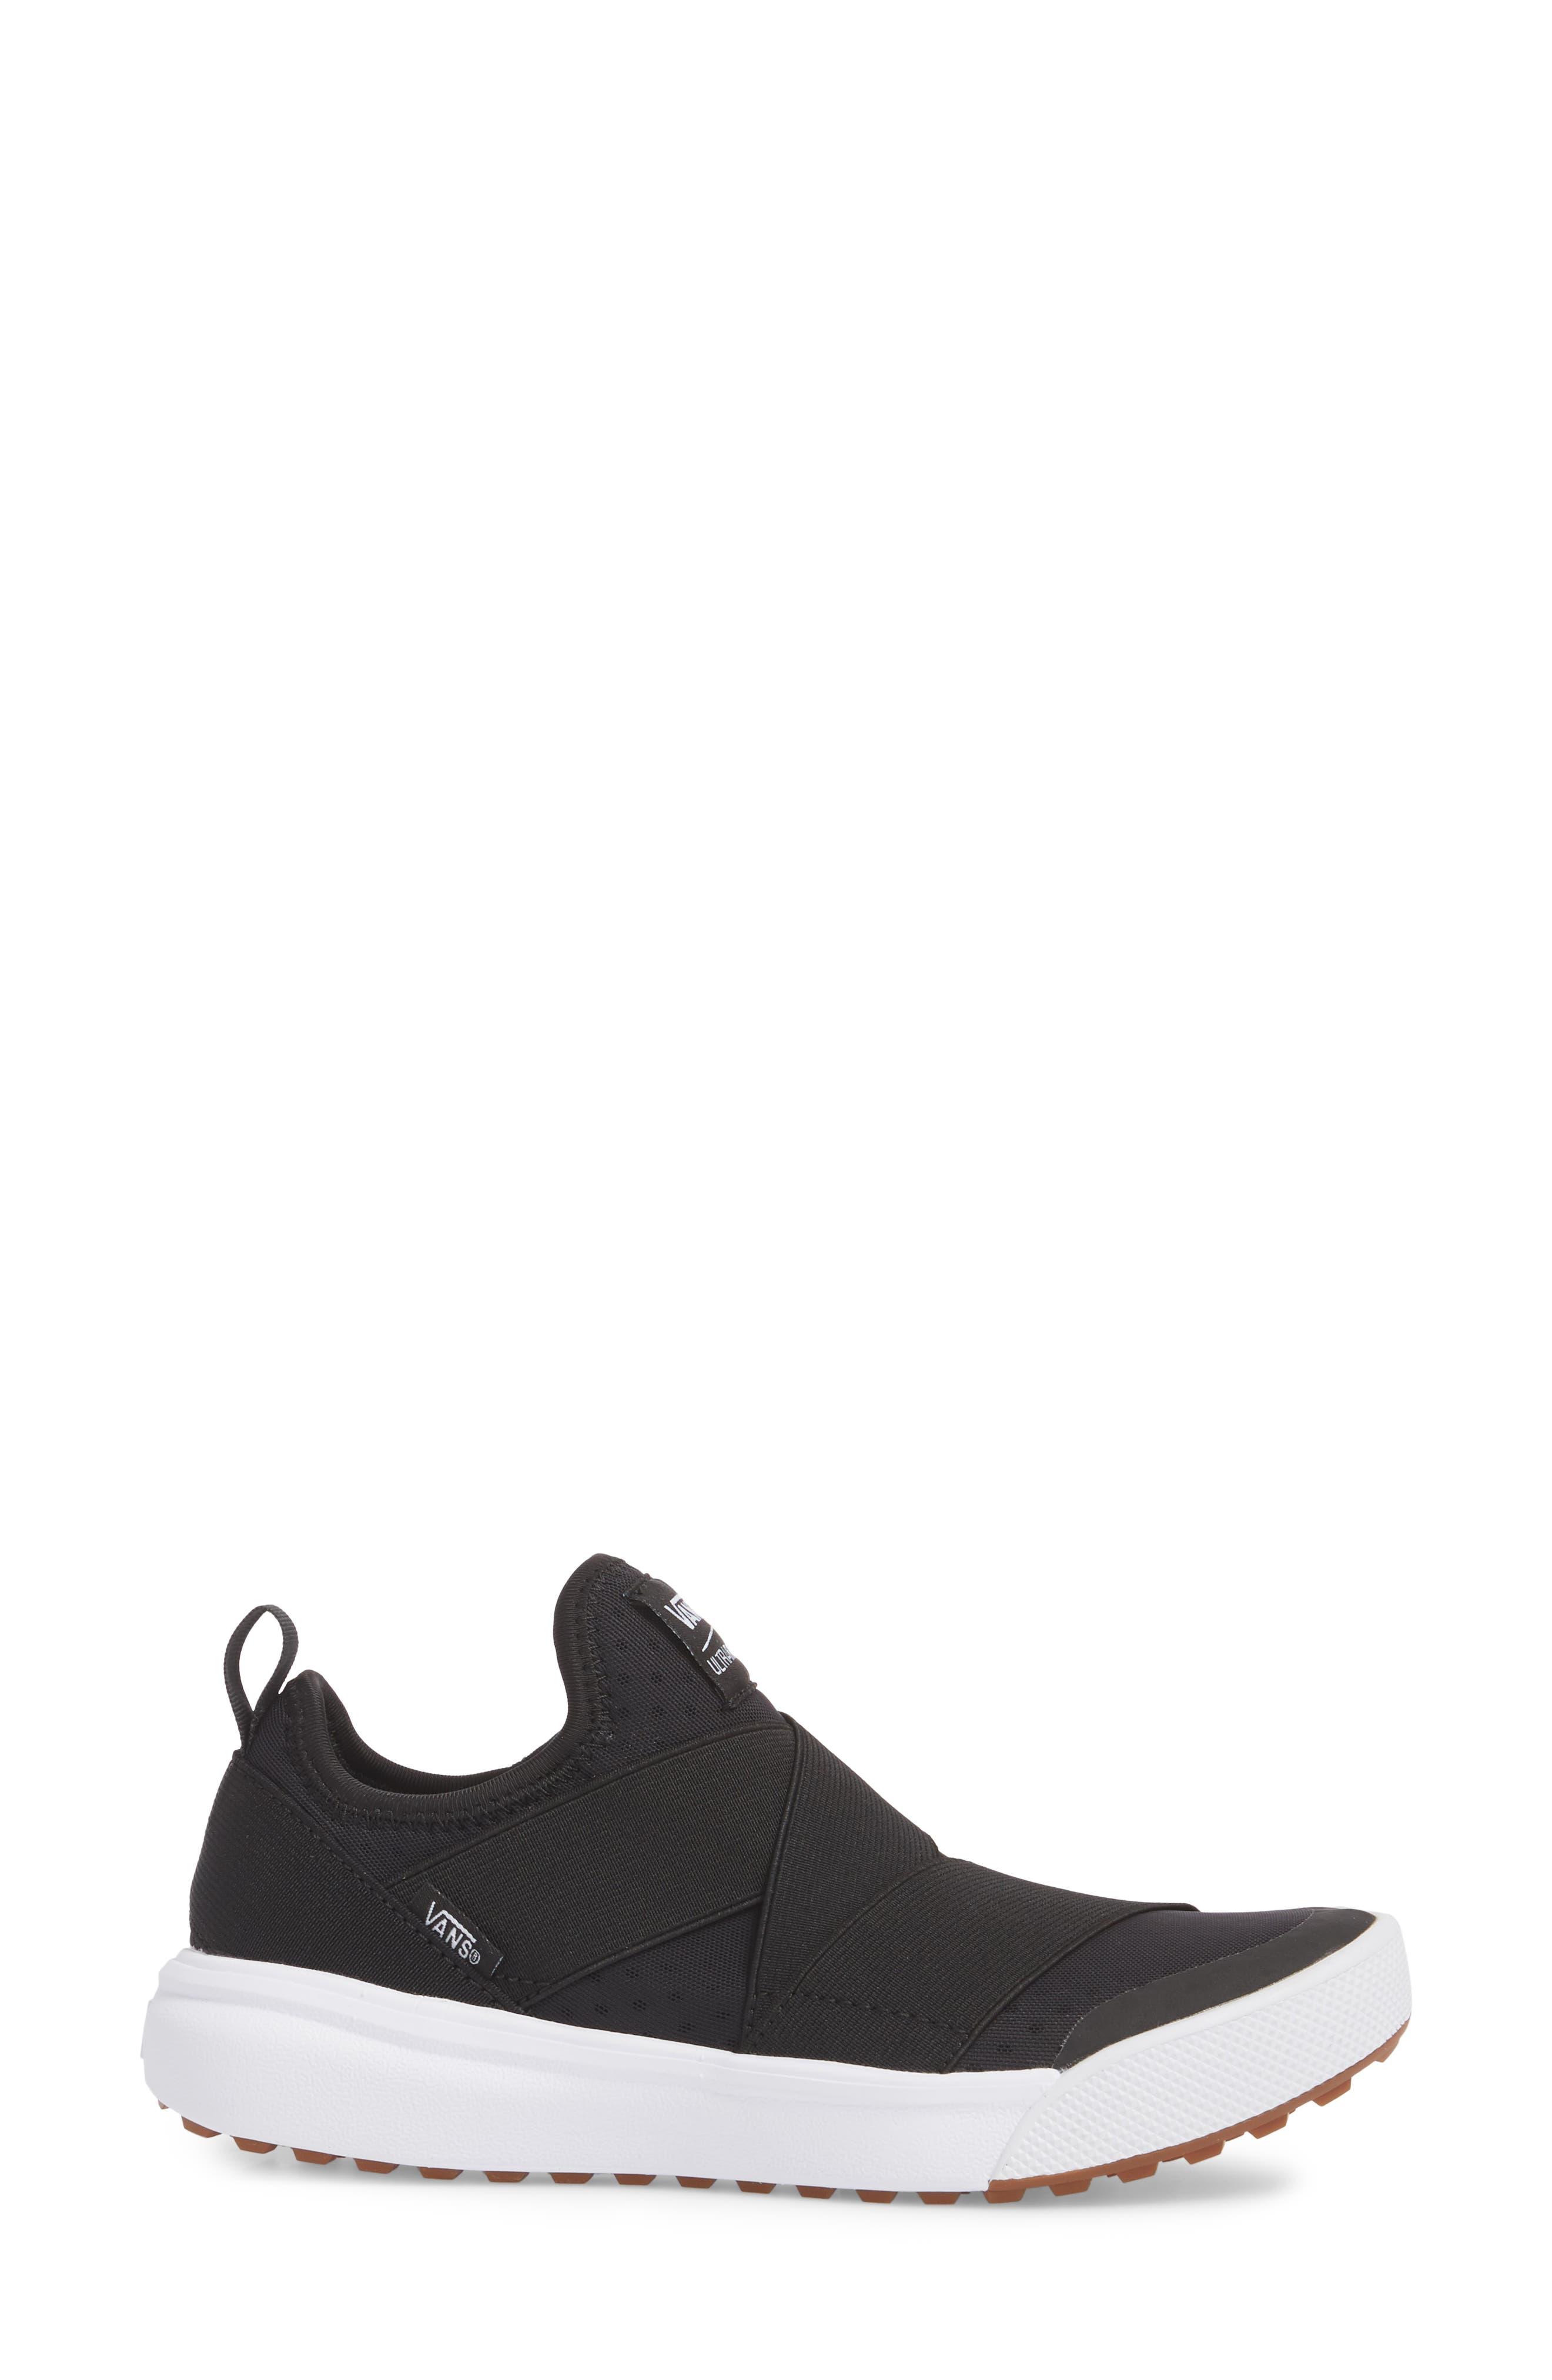 UltraRange Gore Slip-On Sneaker,                             Alternate thumbnail 3, color,                             BLACK